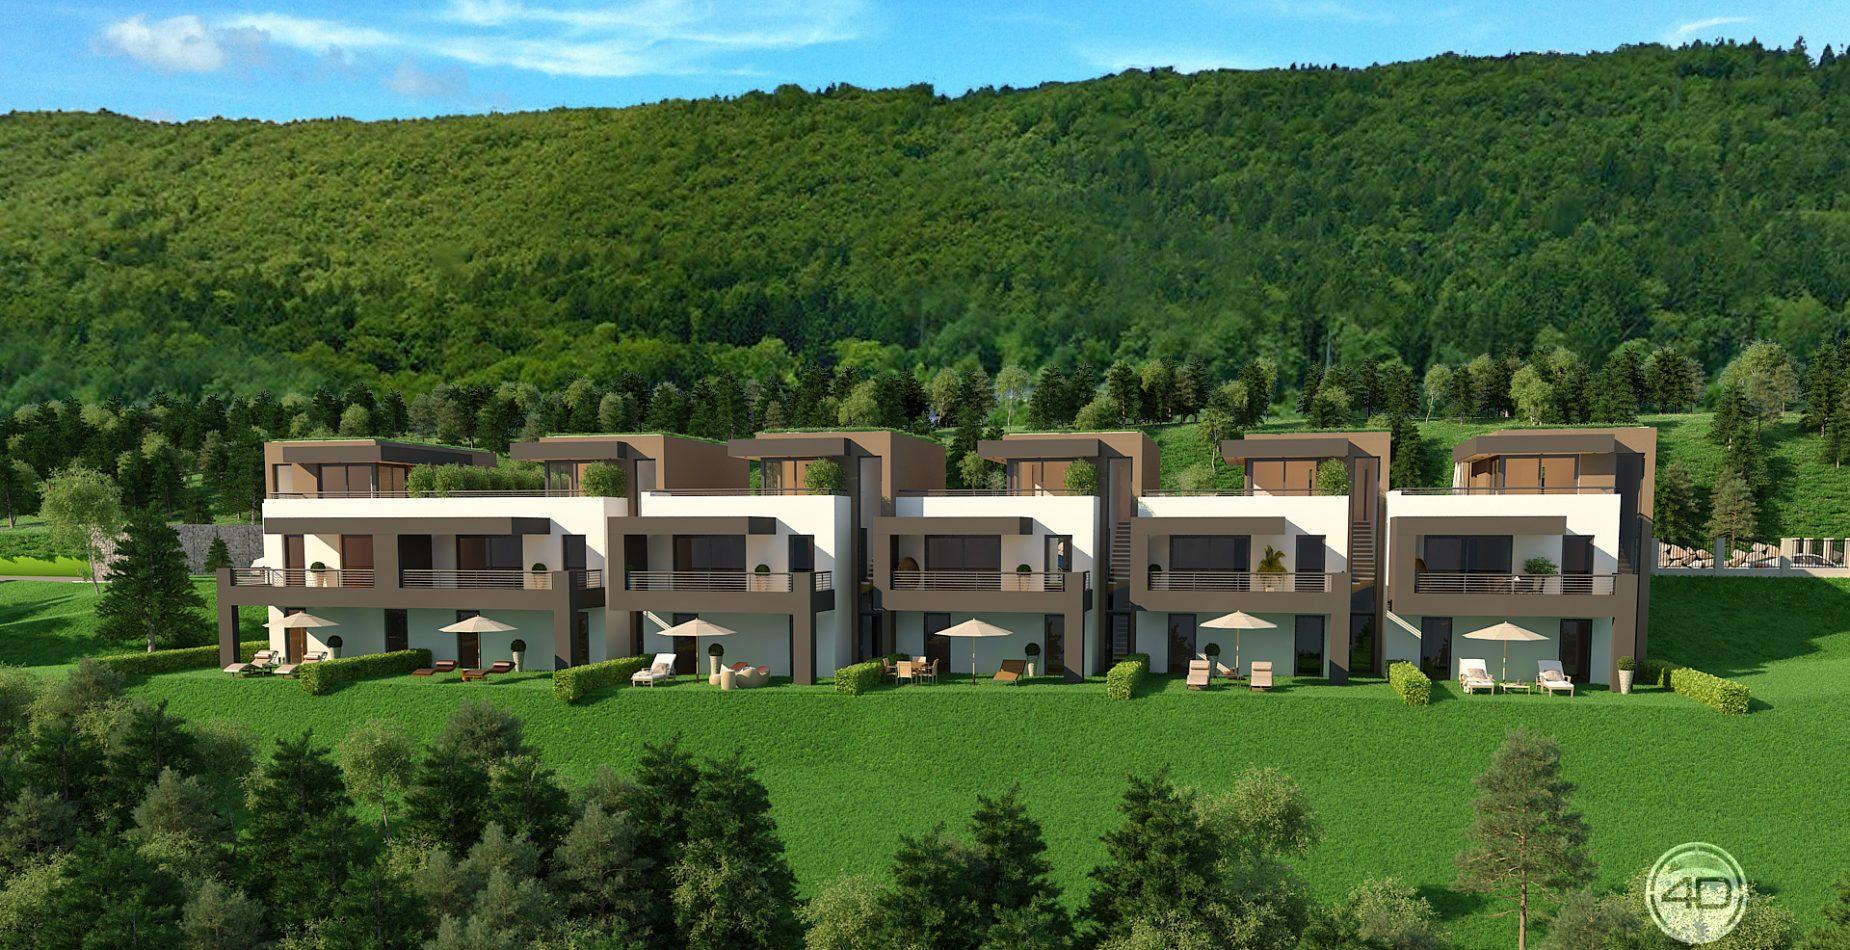 Edificio_4D-univers-townhouse_lac_annecy_3D-villa_00009